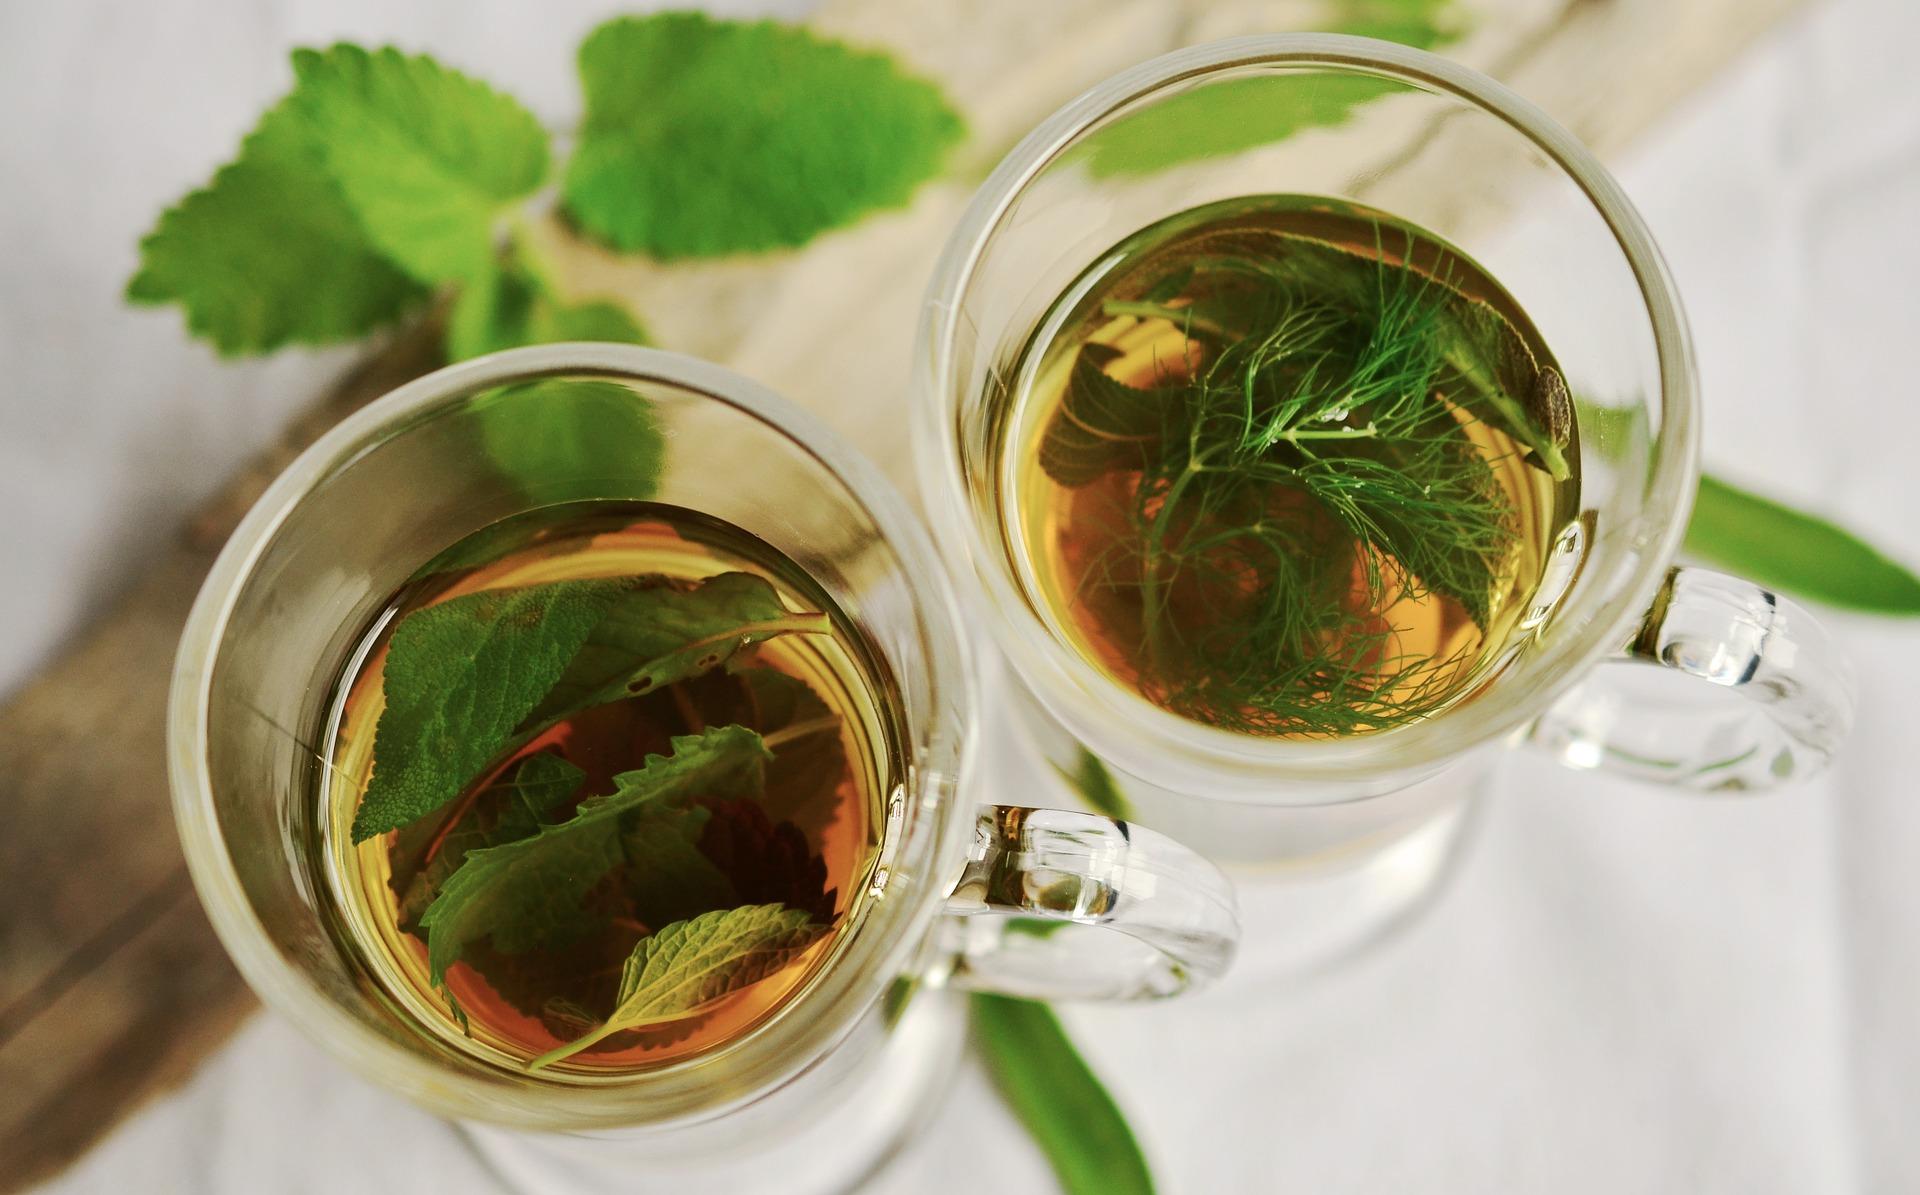 Herbal Tea With Floating Leaves